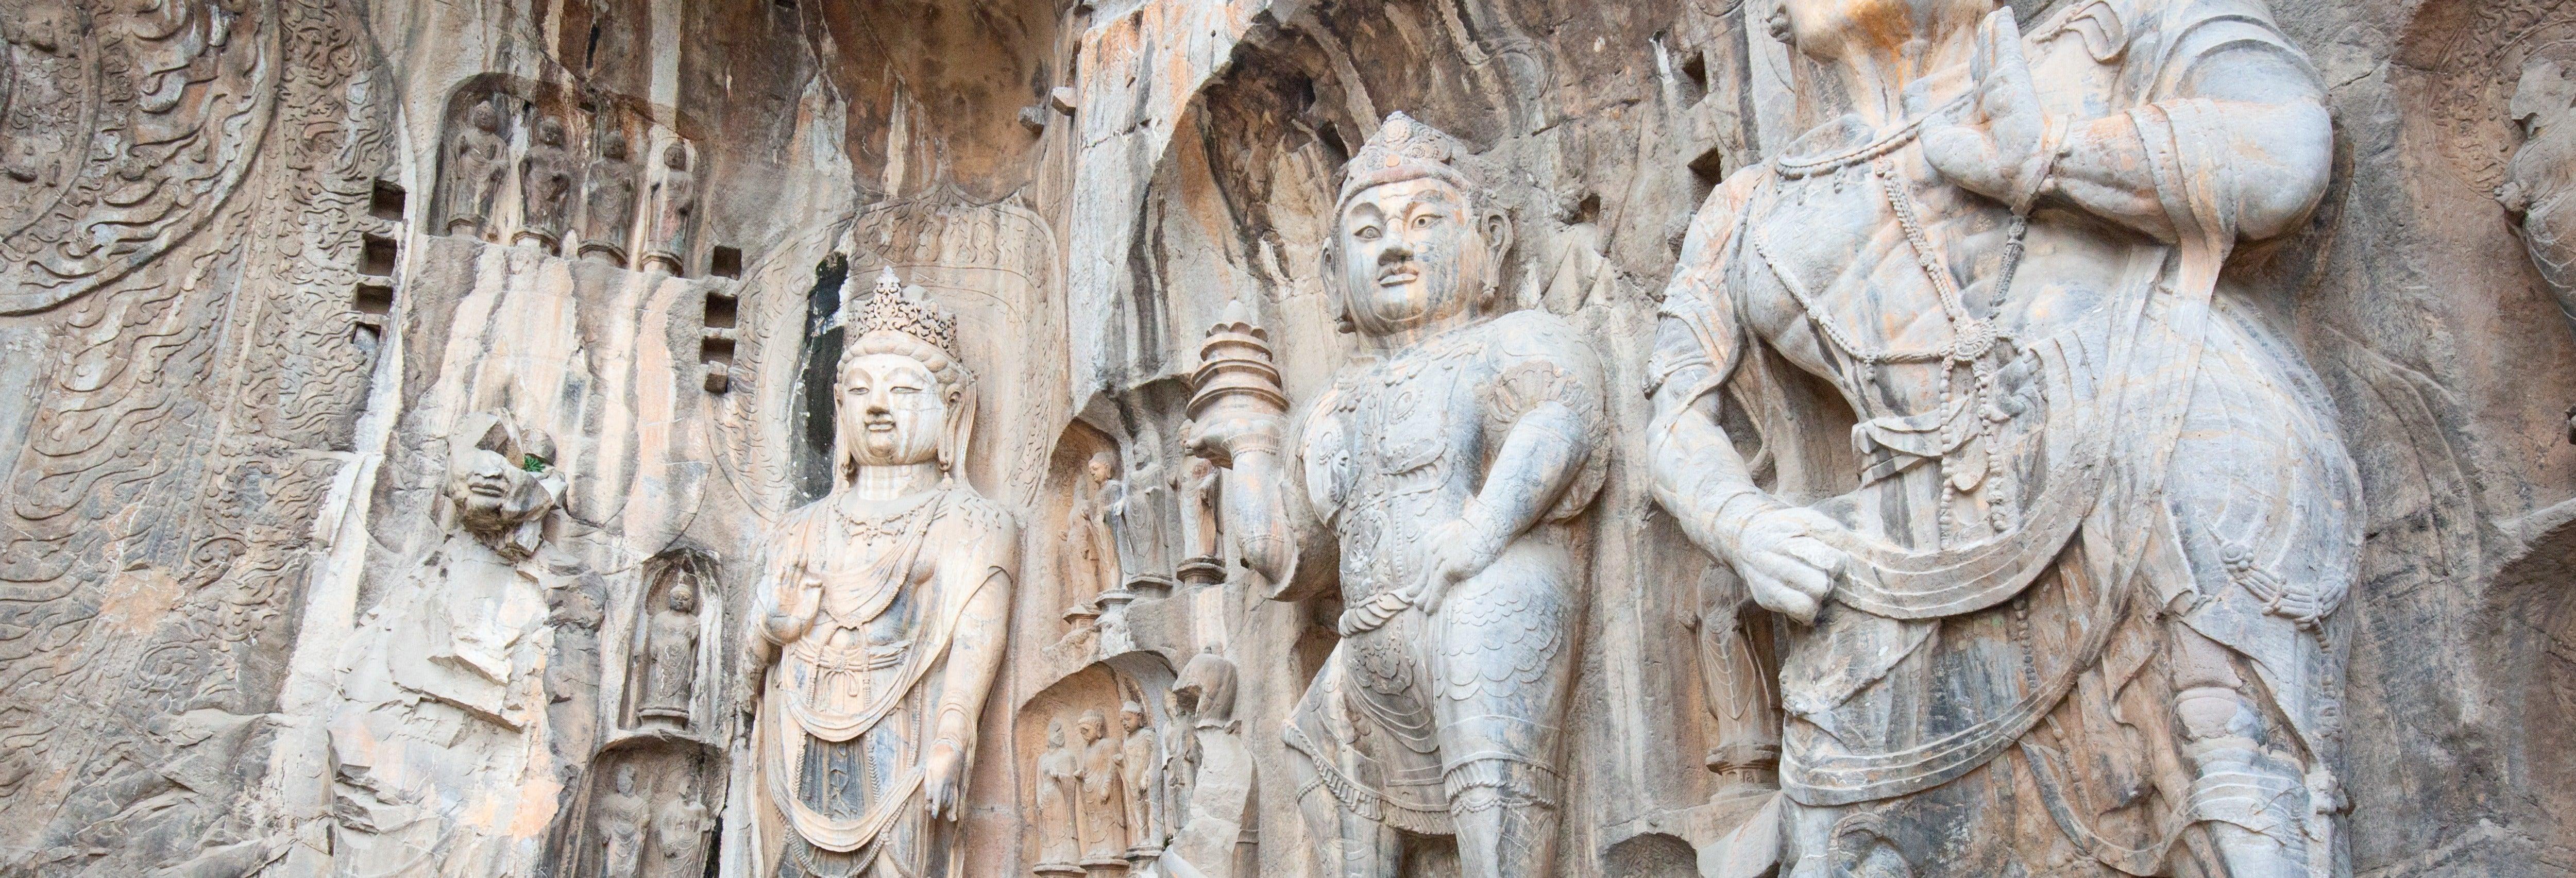 Excursión a las grutas de Longmen y al templo Shaolin